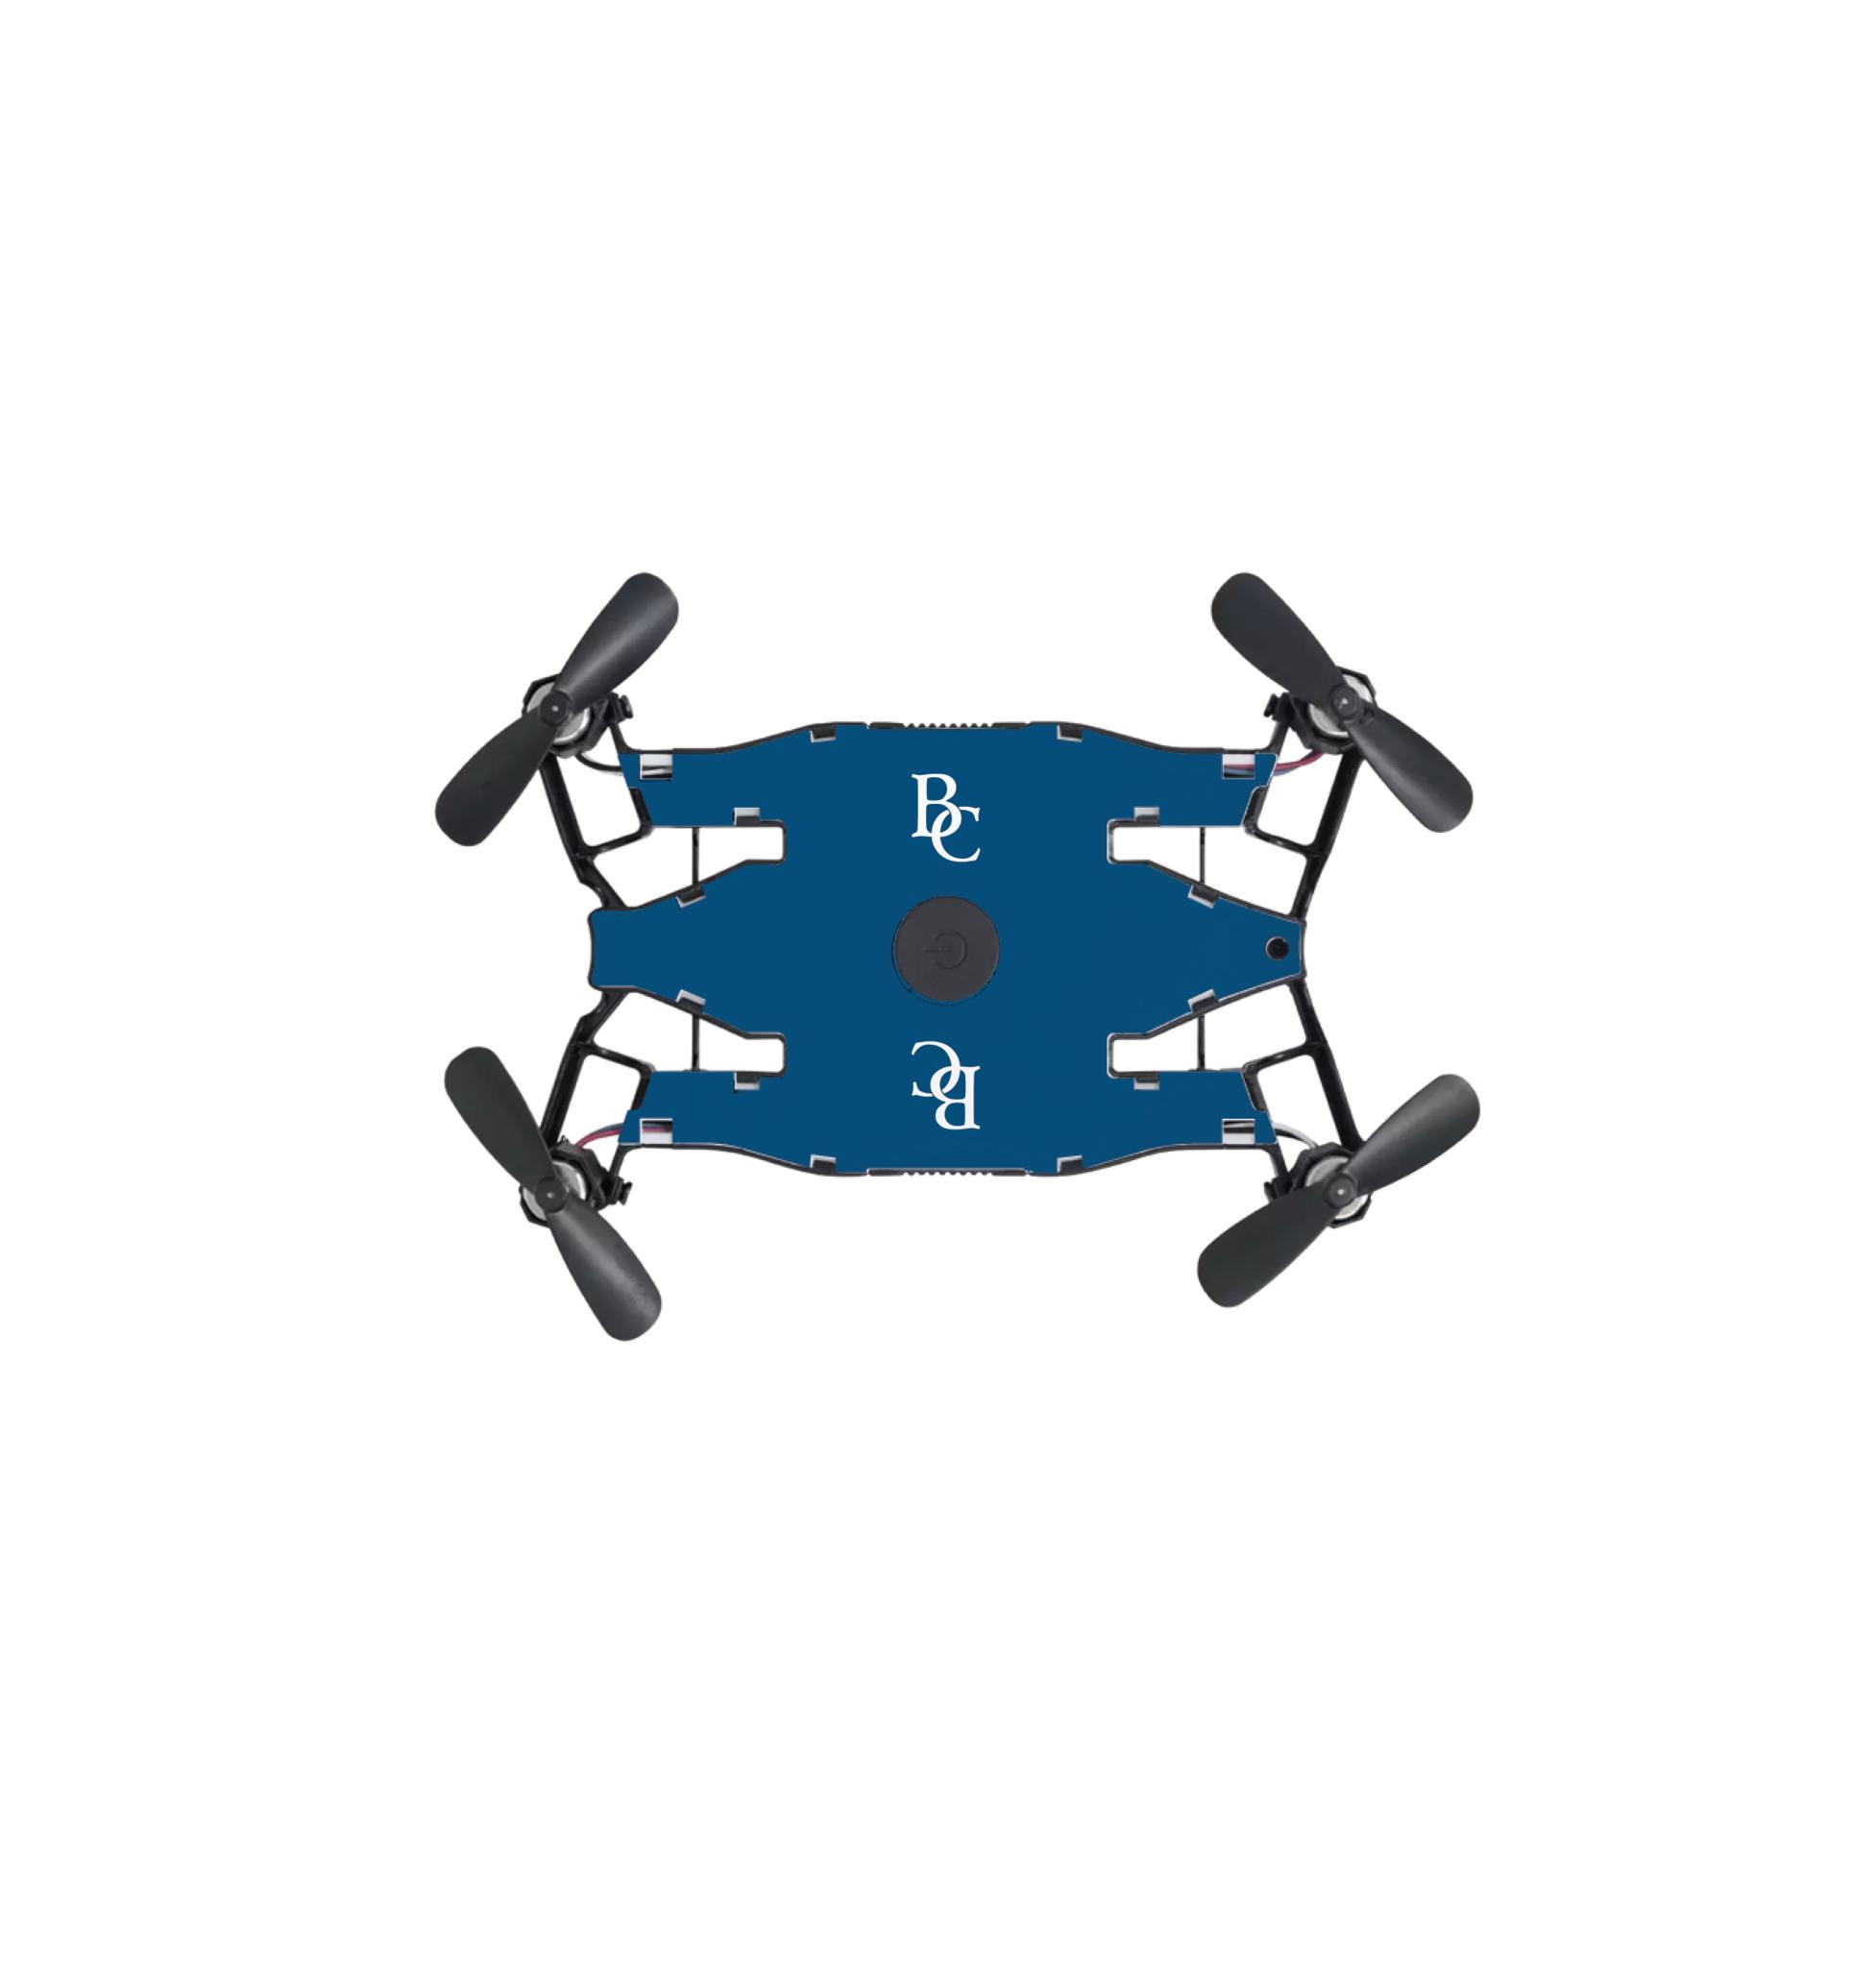 BC Drone*-1